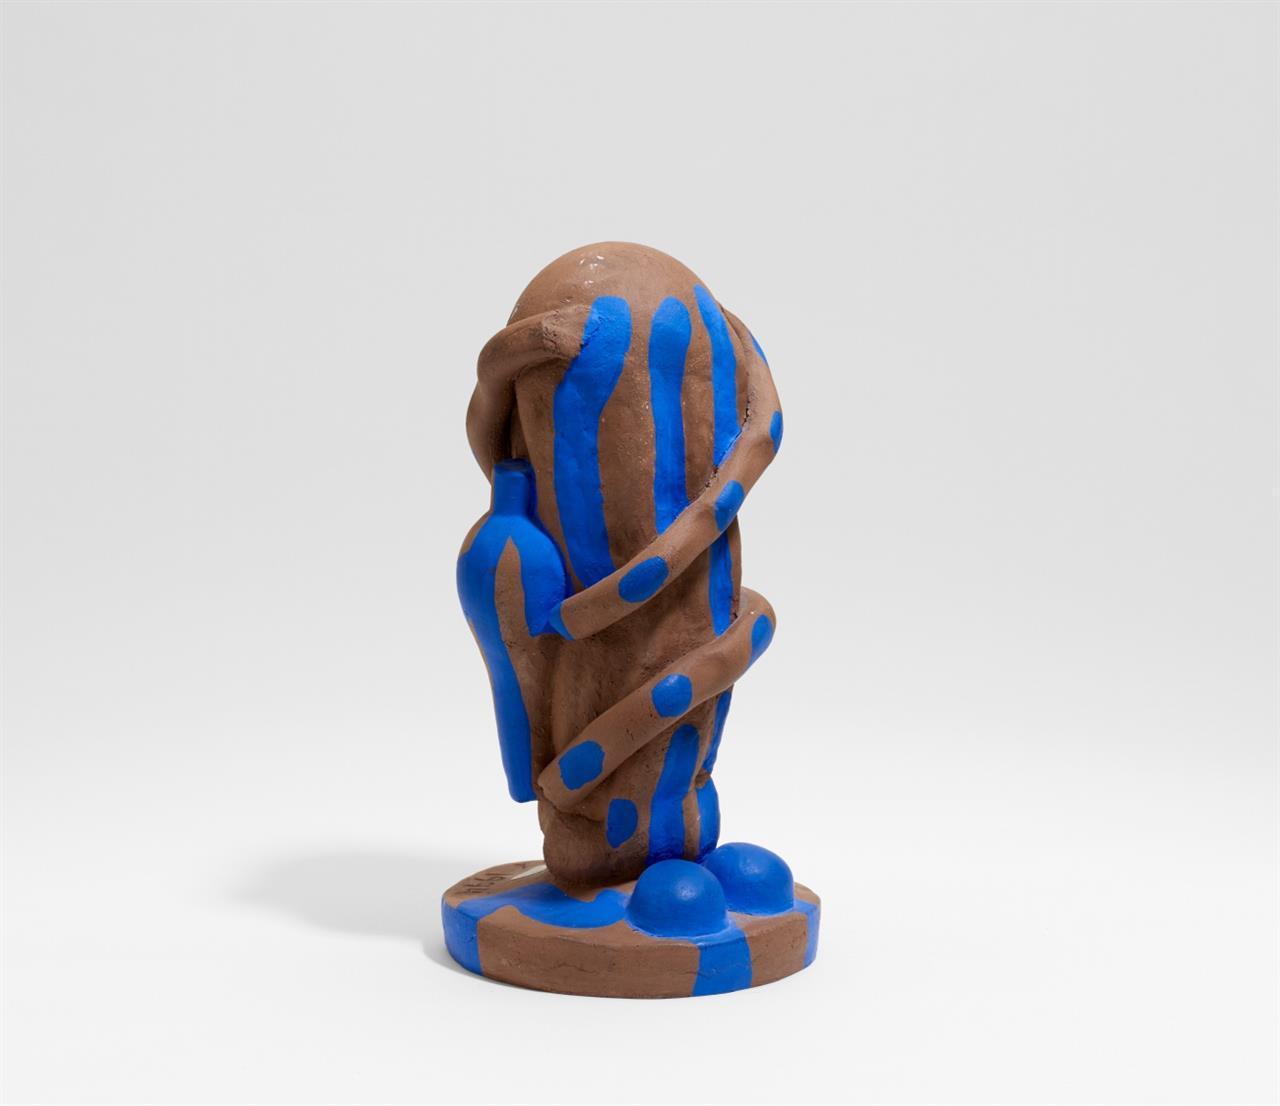 César Bailleux. Ohne Titel. 1994. Keramik, teils farbig gefasst. Signiert.